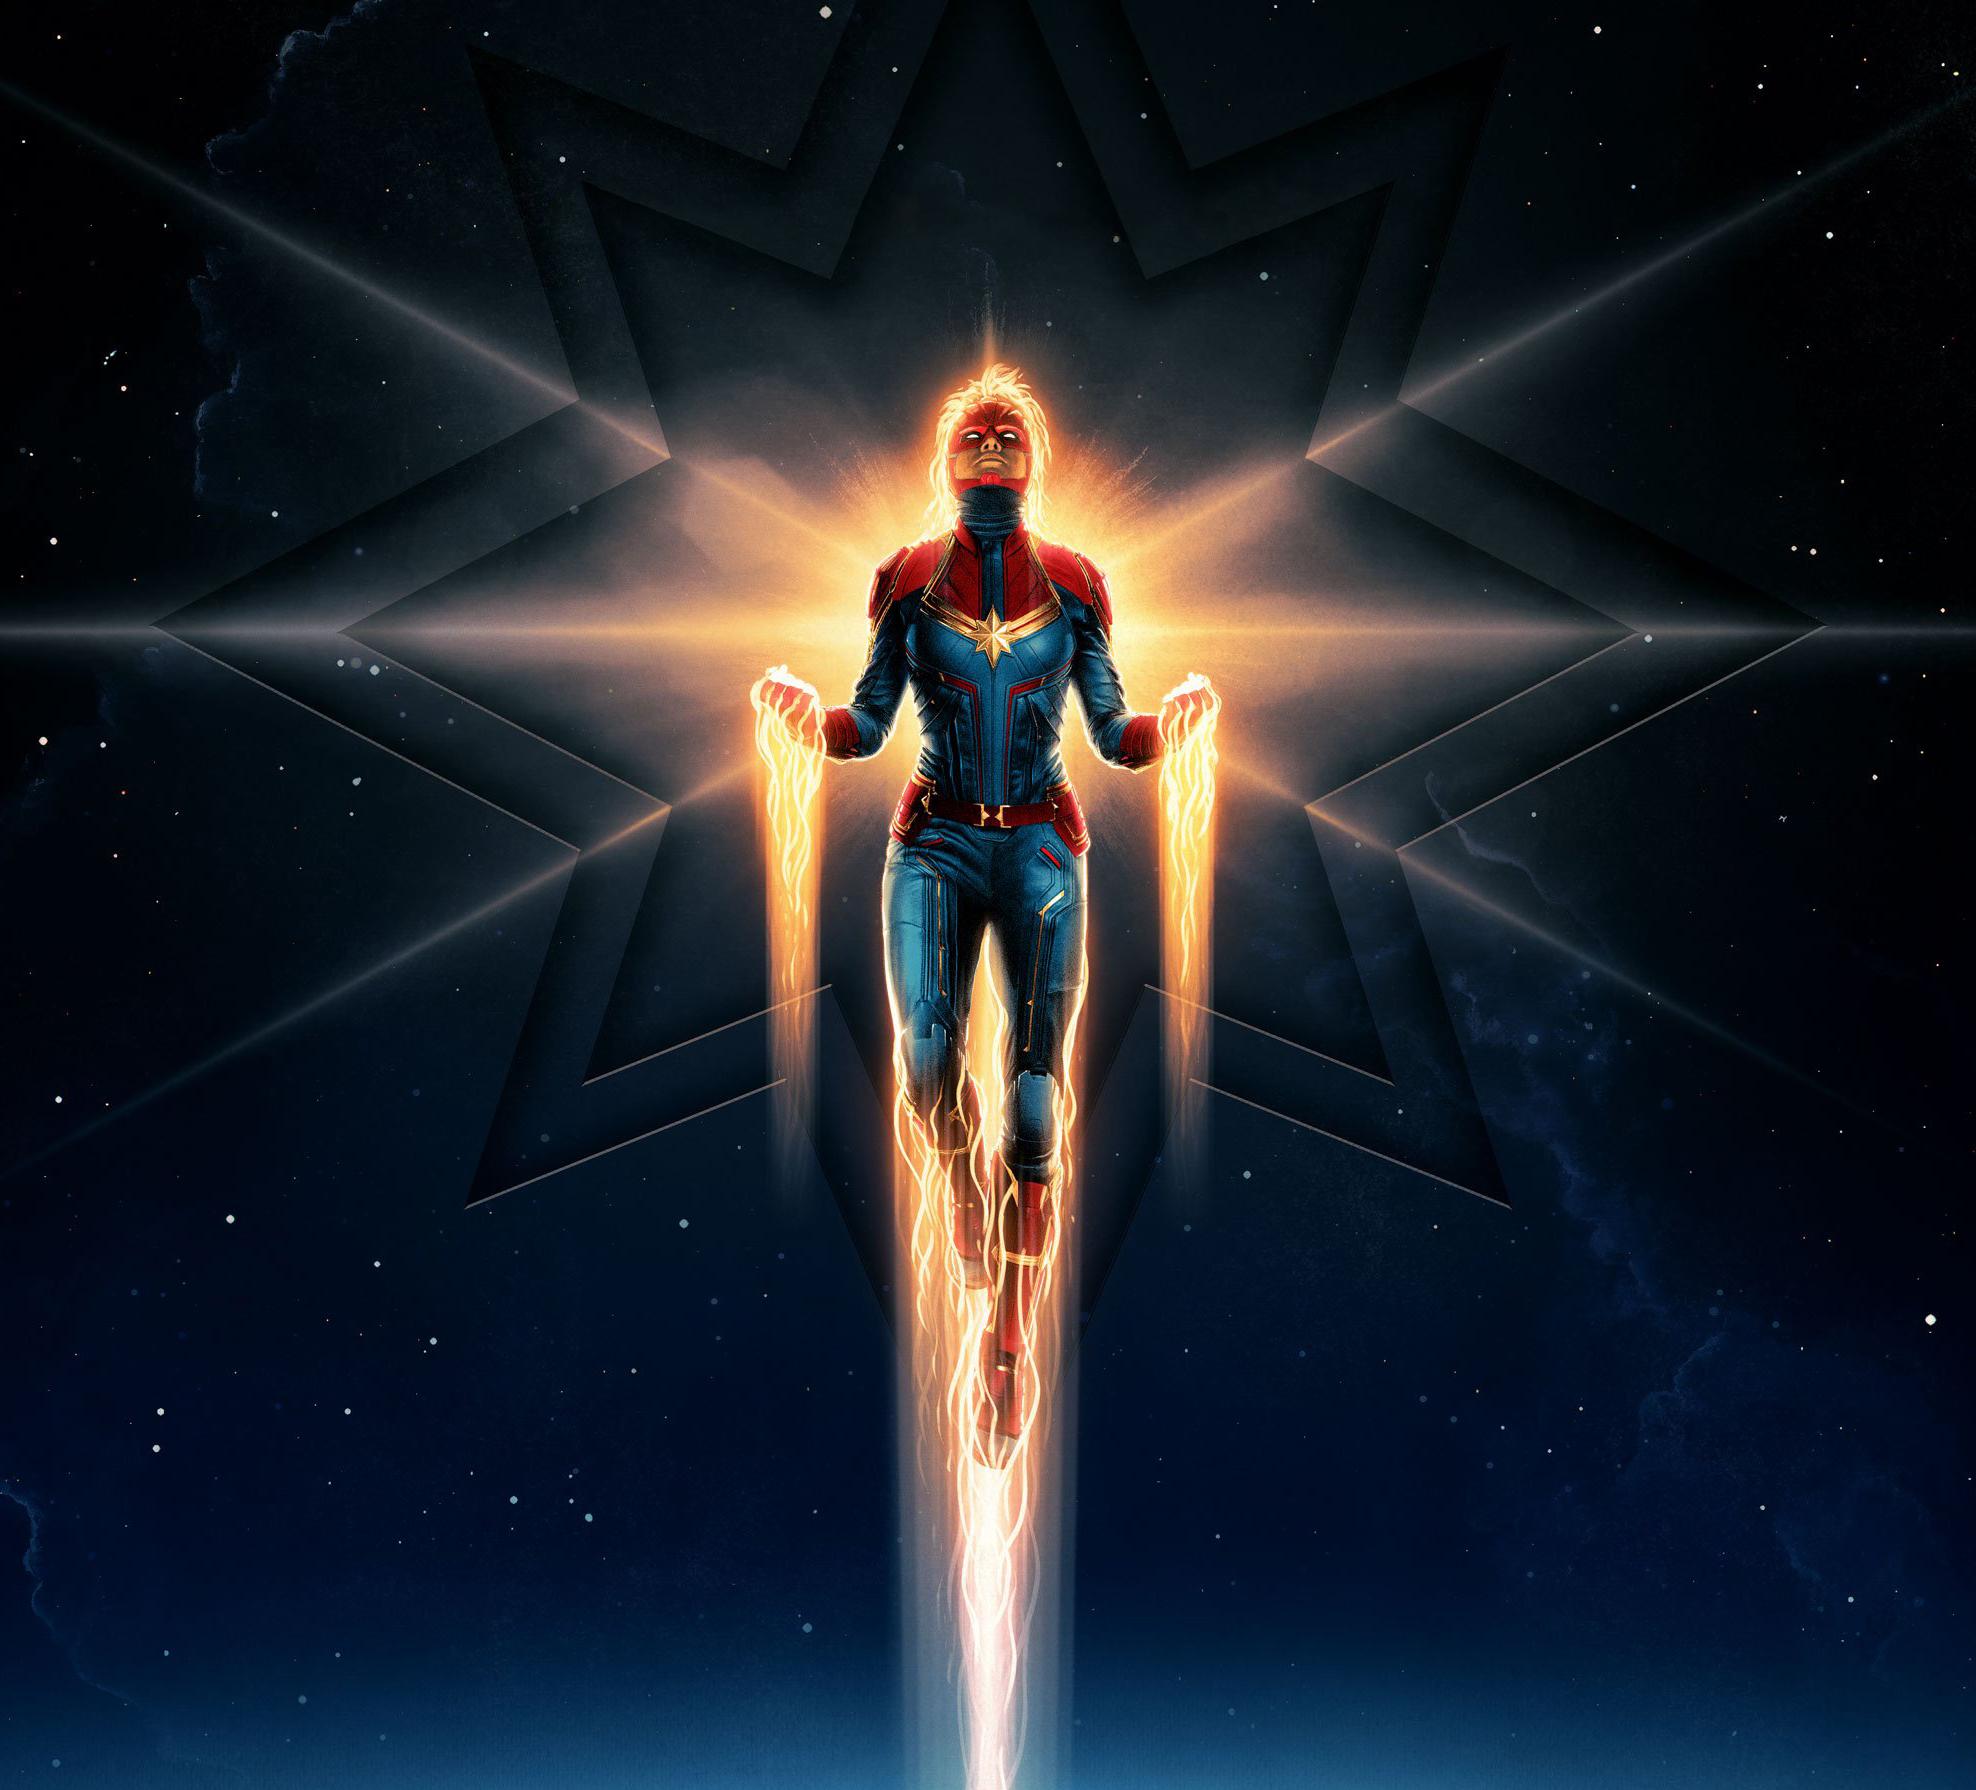 Captain Marvel Movie 2019 Wallpaper, HD Movies 4K